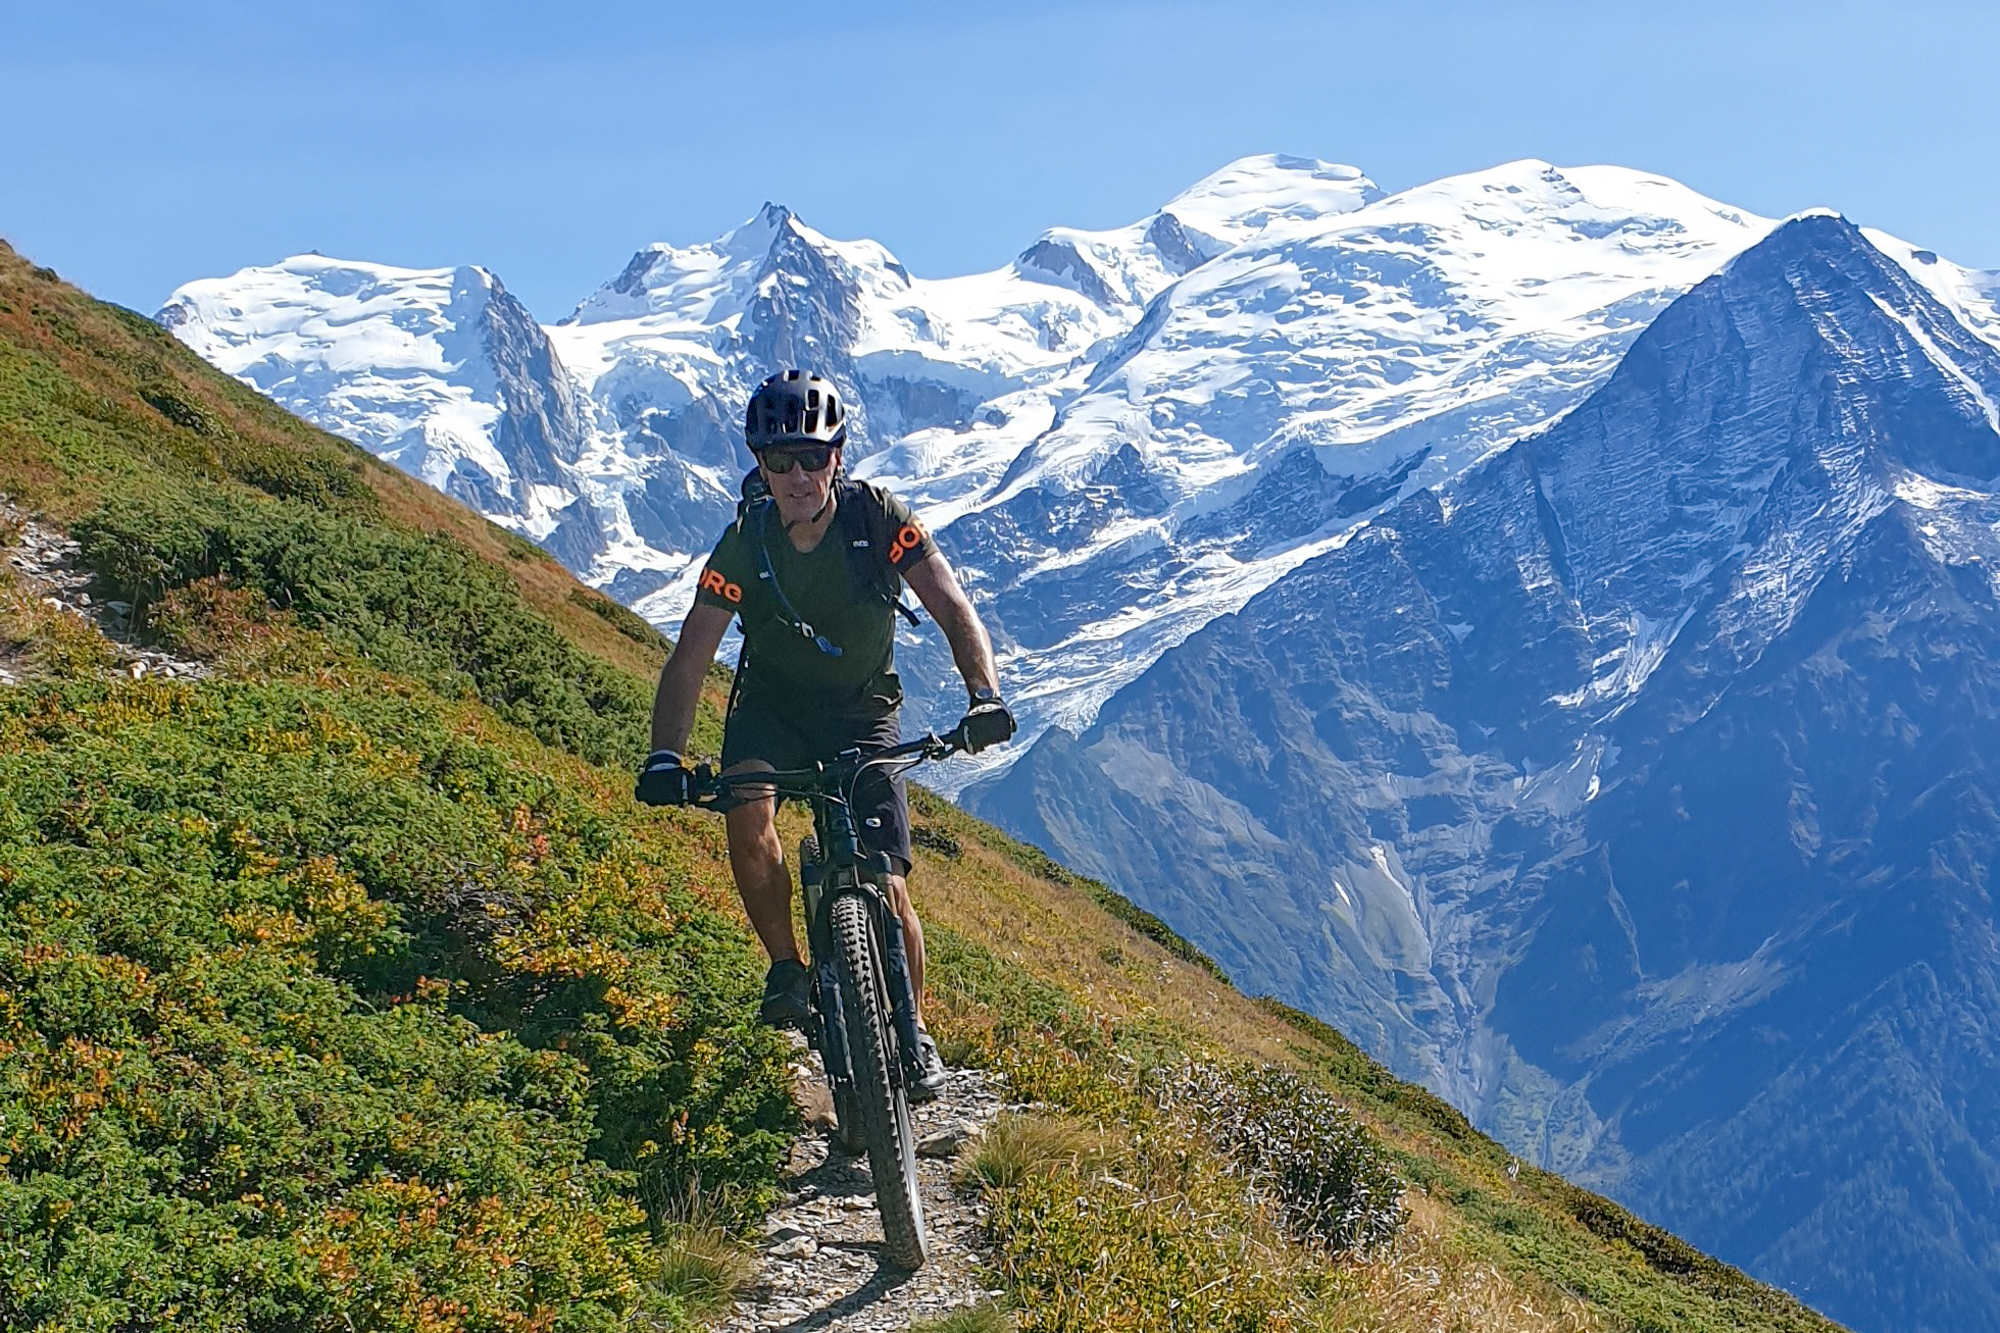 Nouvelles printanières de la Vallée de Chamonix Vtt-electrique-vttae-tour-du-mont-blanc-chamonix-guides-14-7010